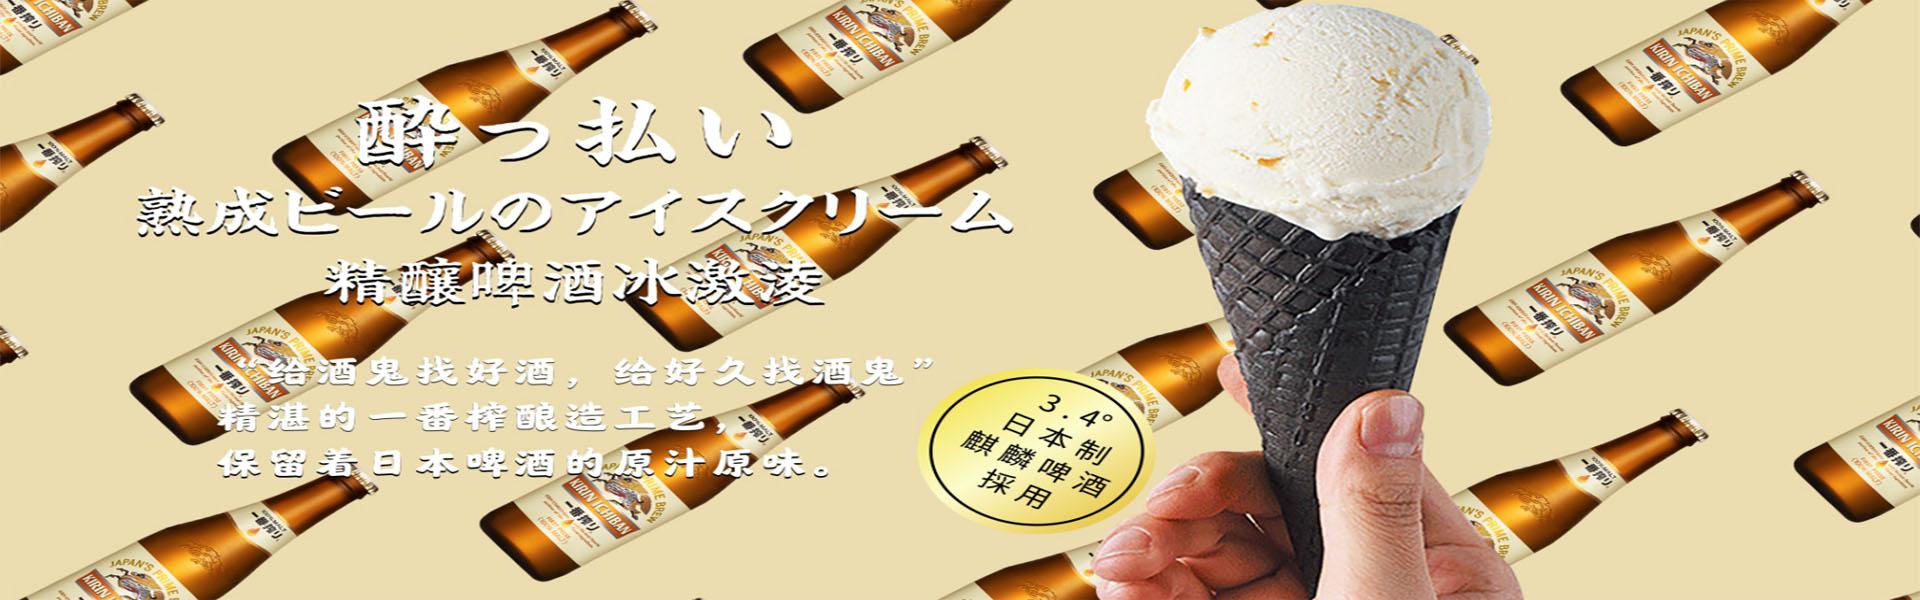 汴京茶寮-啤酒冰淇淋